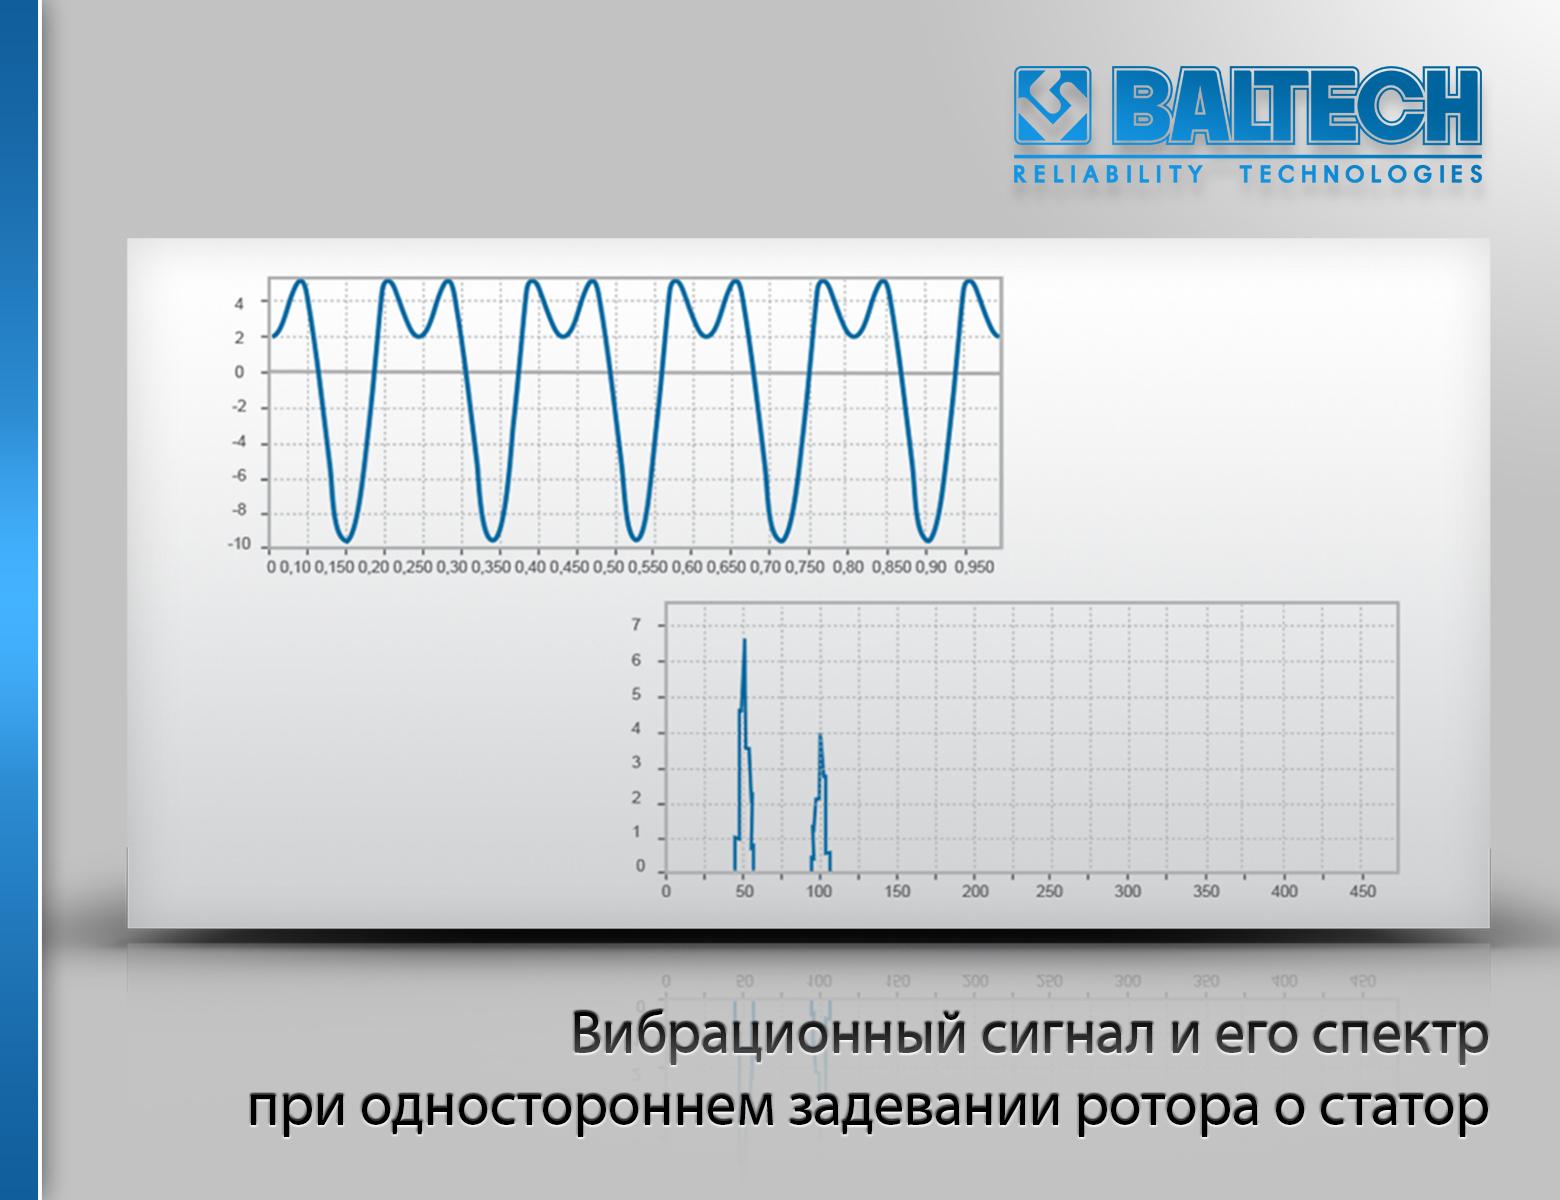 Вибрационный сигнал и его спектр при одностороннем задевании ротора о статор, дефекты электрических машин